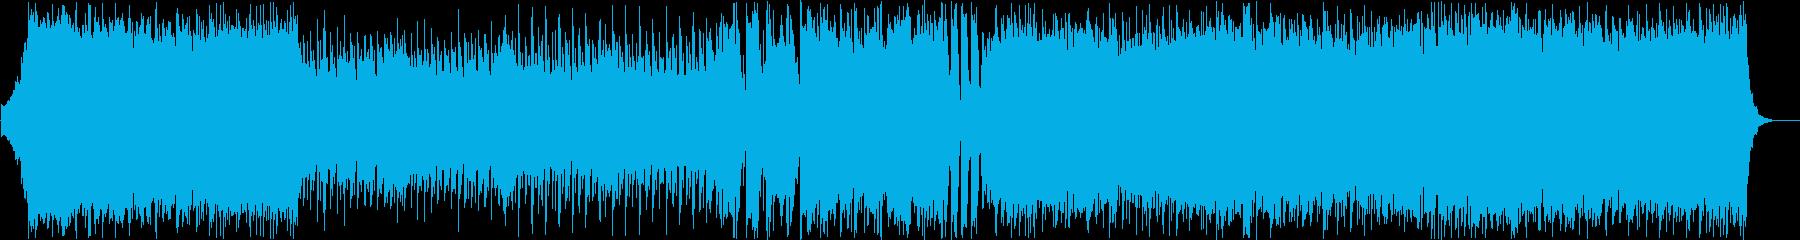 ストリングスとギターのバトルアニソン風曲の再生済みの波形